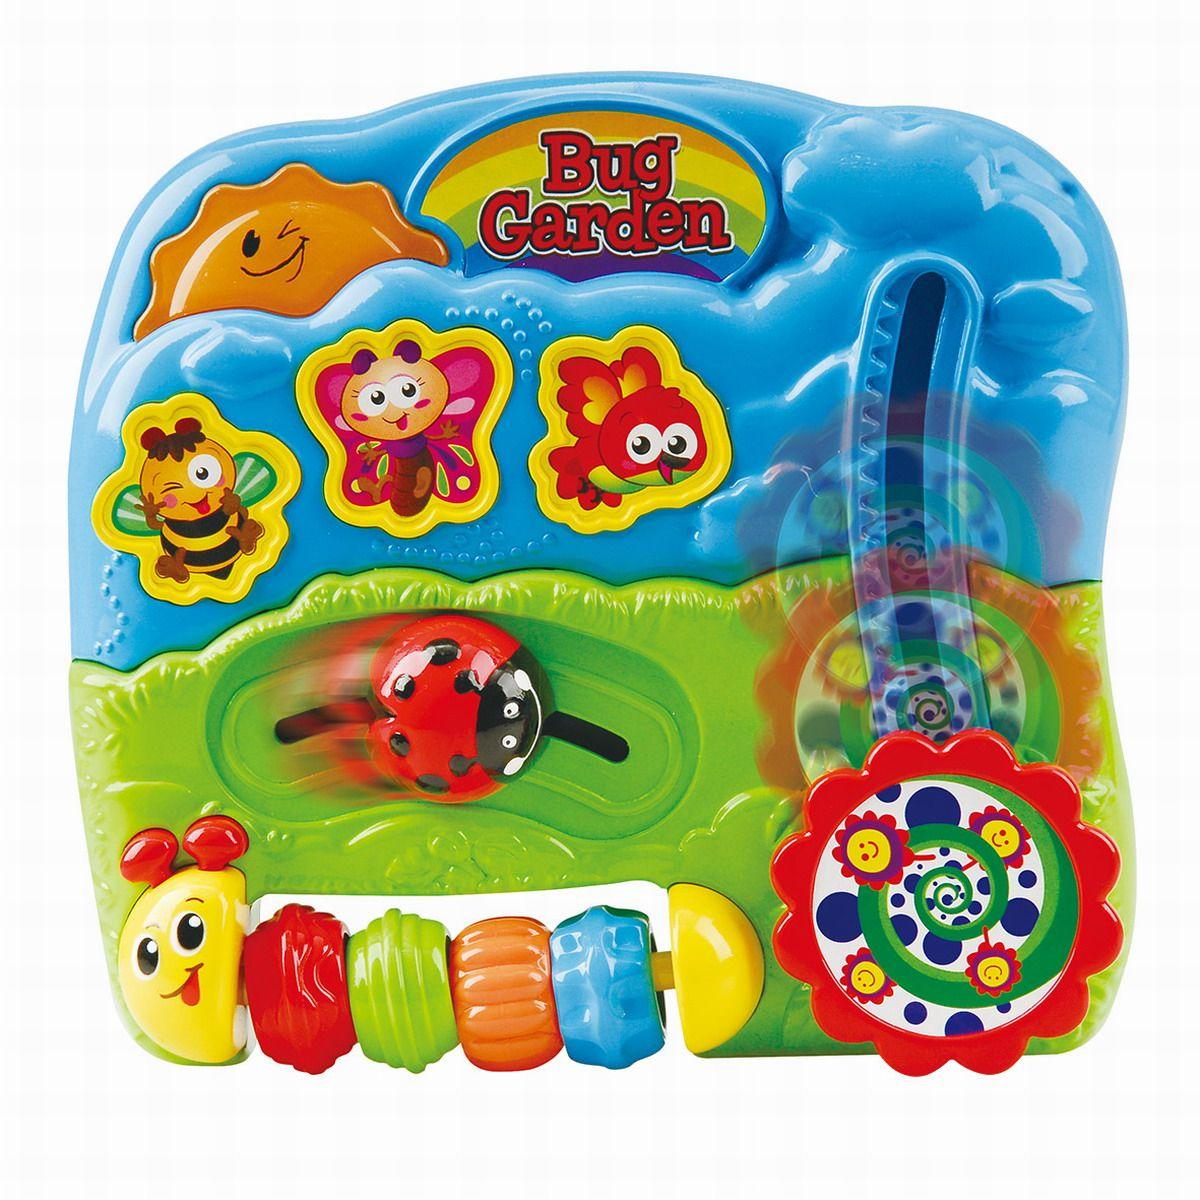 Playgo Развивающая игрушка Сад букашекPlay 1008Play 1008 Развивающая игрушка Сад букашек со световыми и звуковыми эффектами.Комплексное развитие слуха и осязания! Изучай мир в игре! Упаковка: Картонная коробка, презентационно-открытая. Материал : пластмасса. Перед применением протереть игрушку мягкой салфеткой. Питание: 2 батареи АА (входят в комплект). Размеры упаковки Ш*Г*В: 21,7 см*5,7 см*20,5 см. Размер игрушки Ш*Г*В: 15,8 см*4,5 см*15,0 см. Возраст: 6 m+ Страна производитель :PlayGo (Китай).